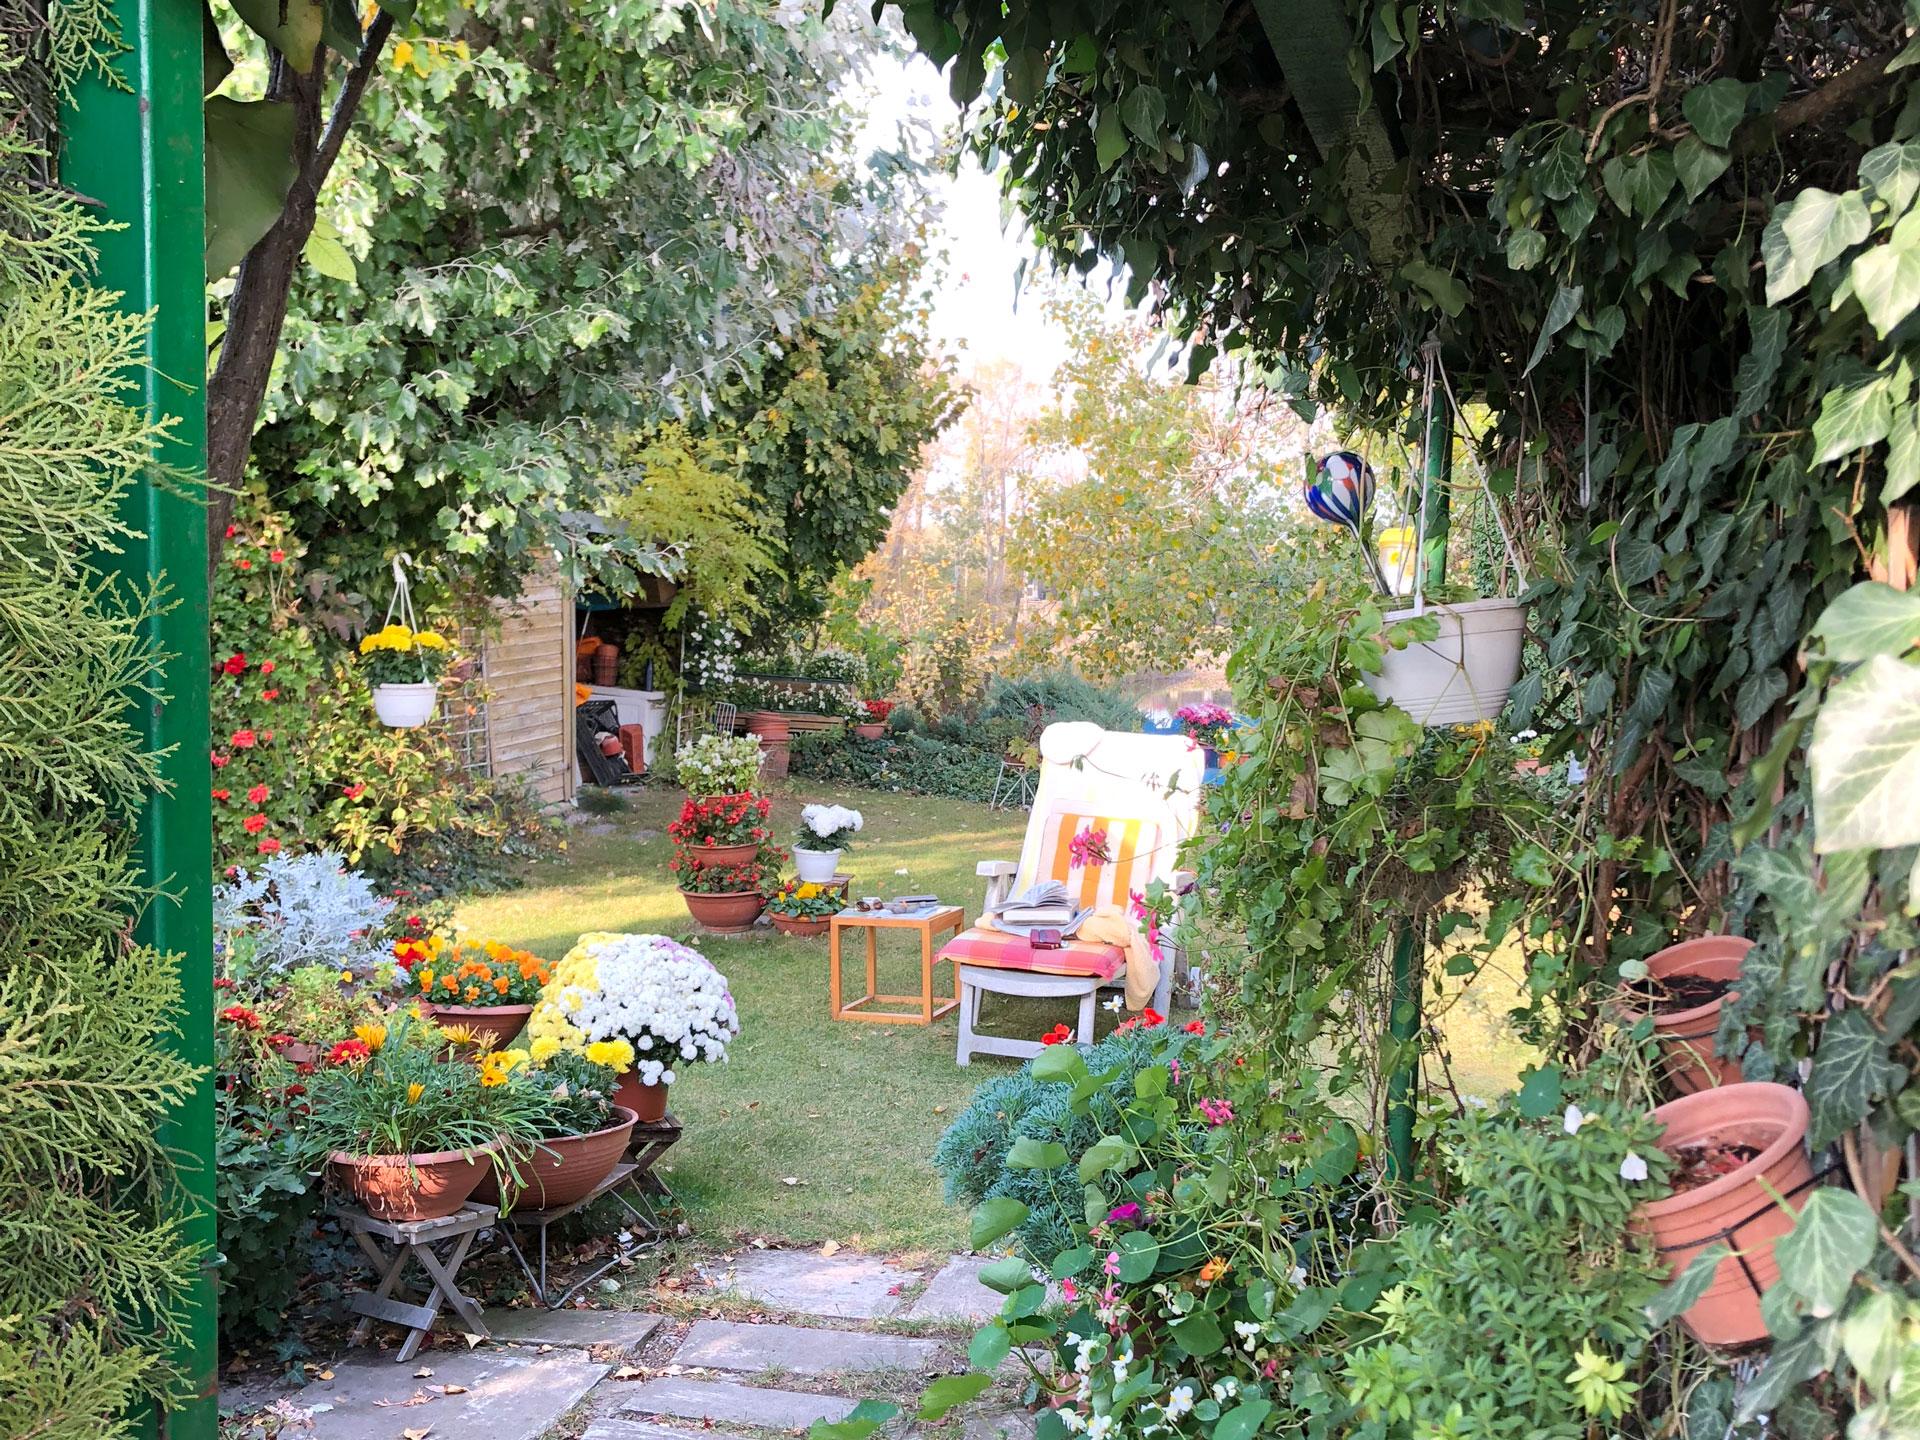 Superieur Ein Naturgarten Darf Ohne Viele Eingriffe Aus Menschenhand Wachsen!